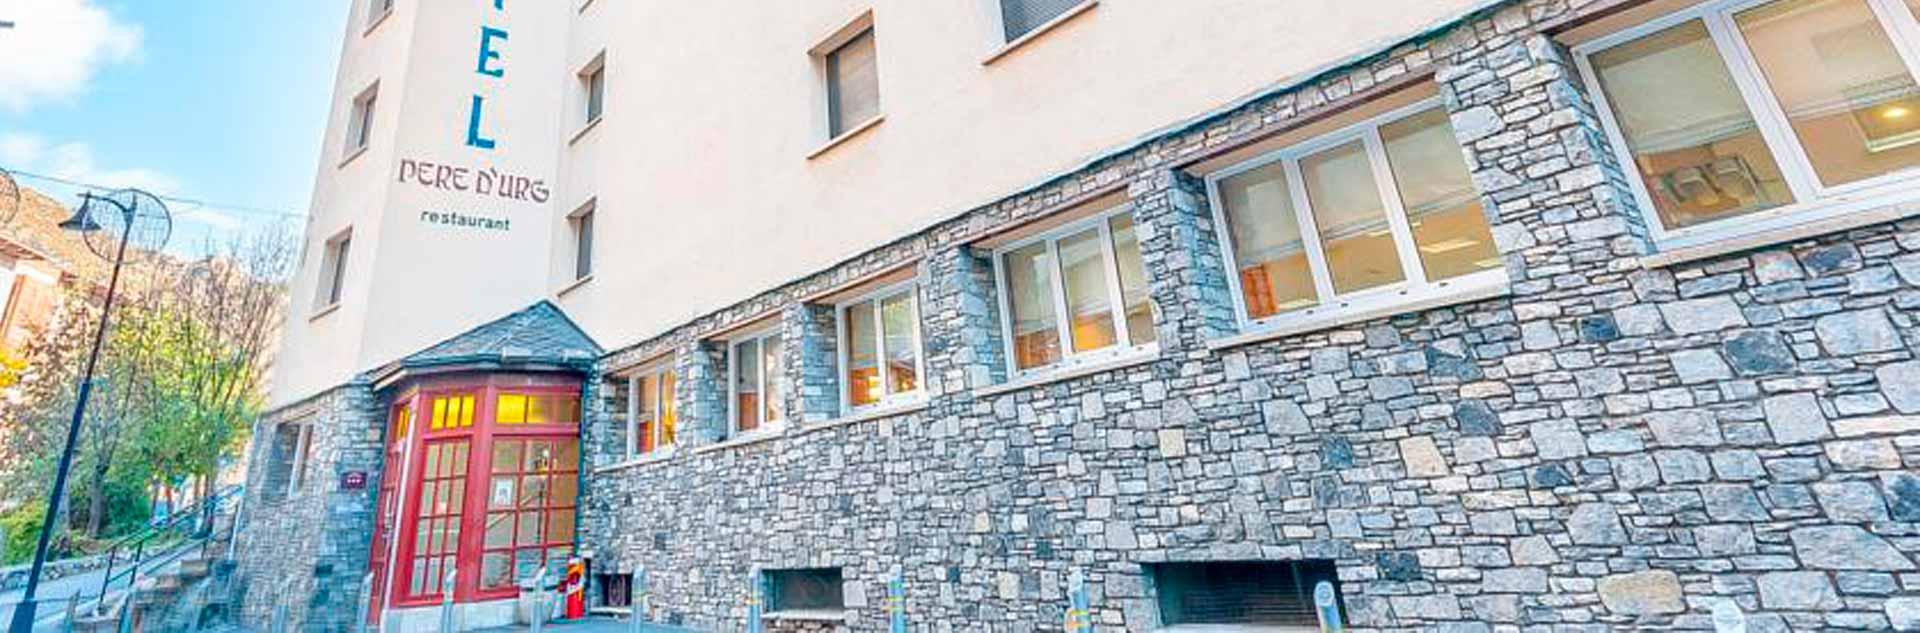 Hotel Pere d'Urg en Andorra - disponible para el Puente de Diciembre